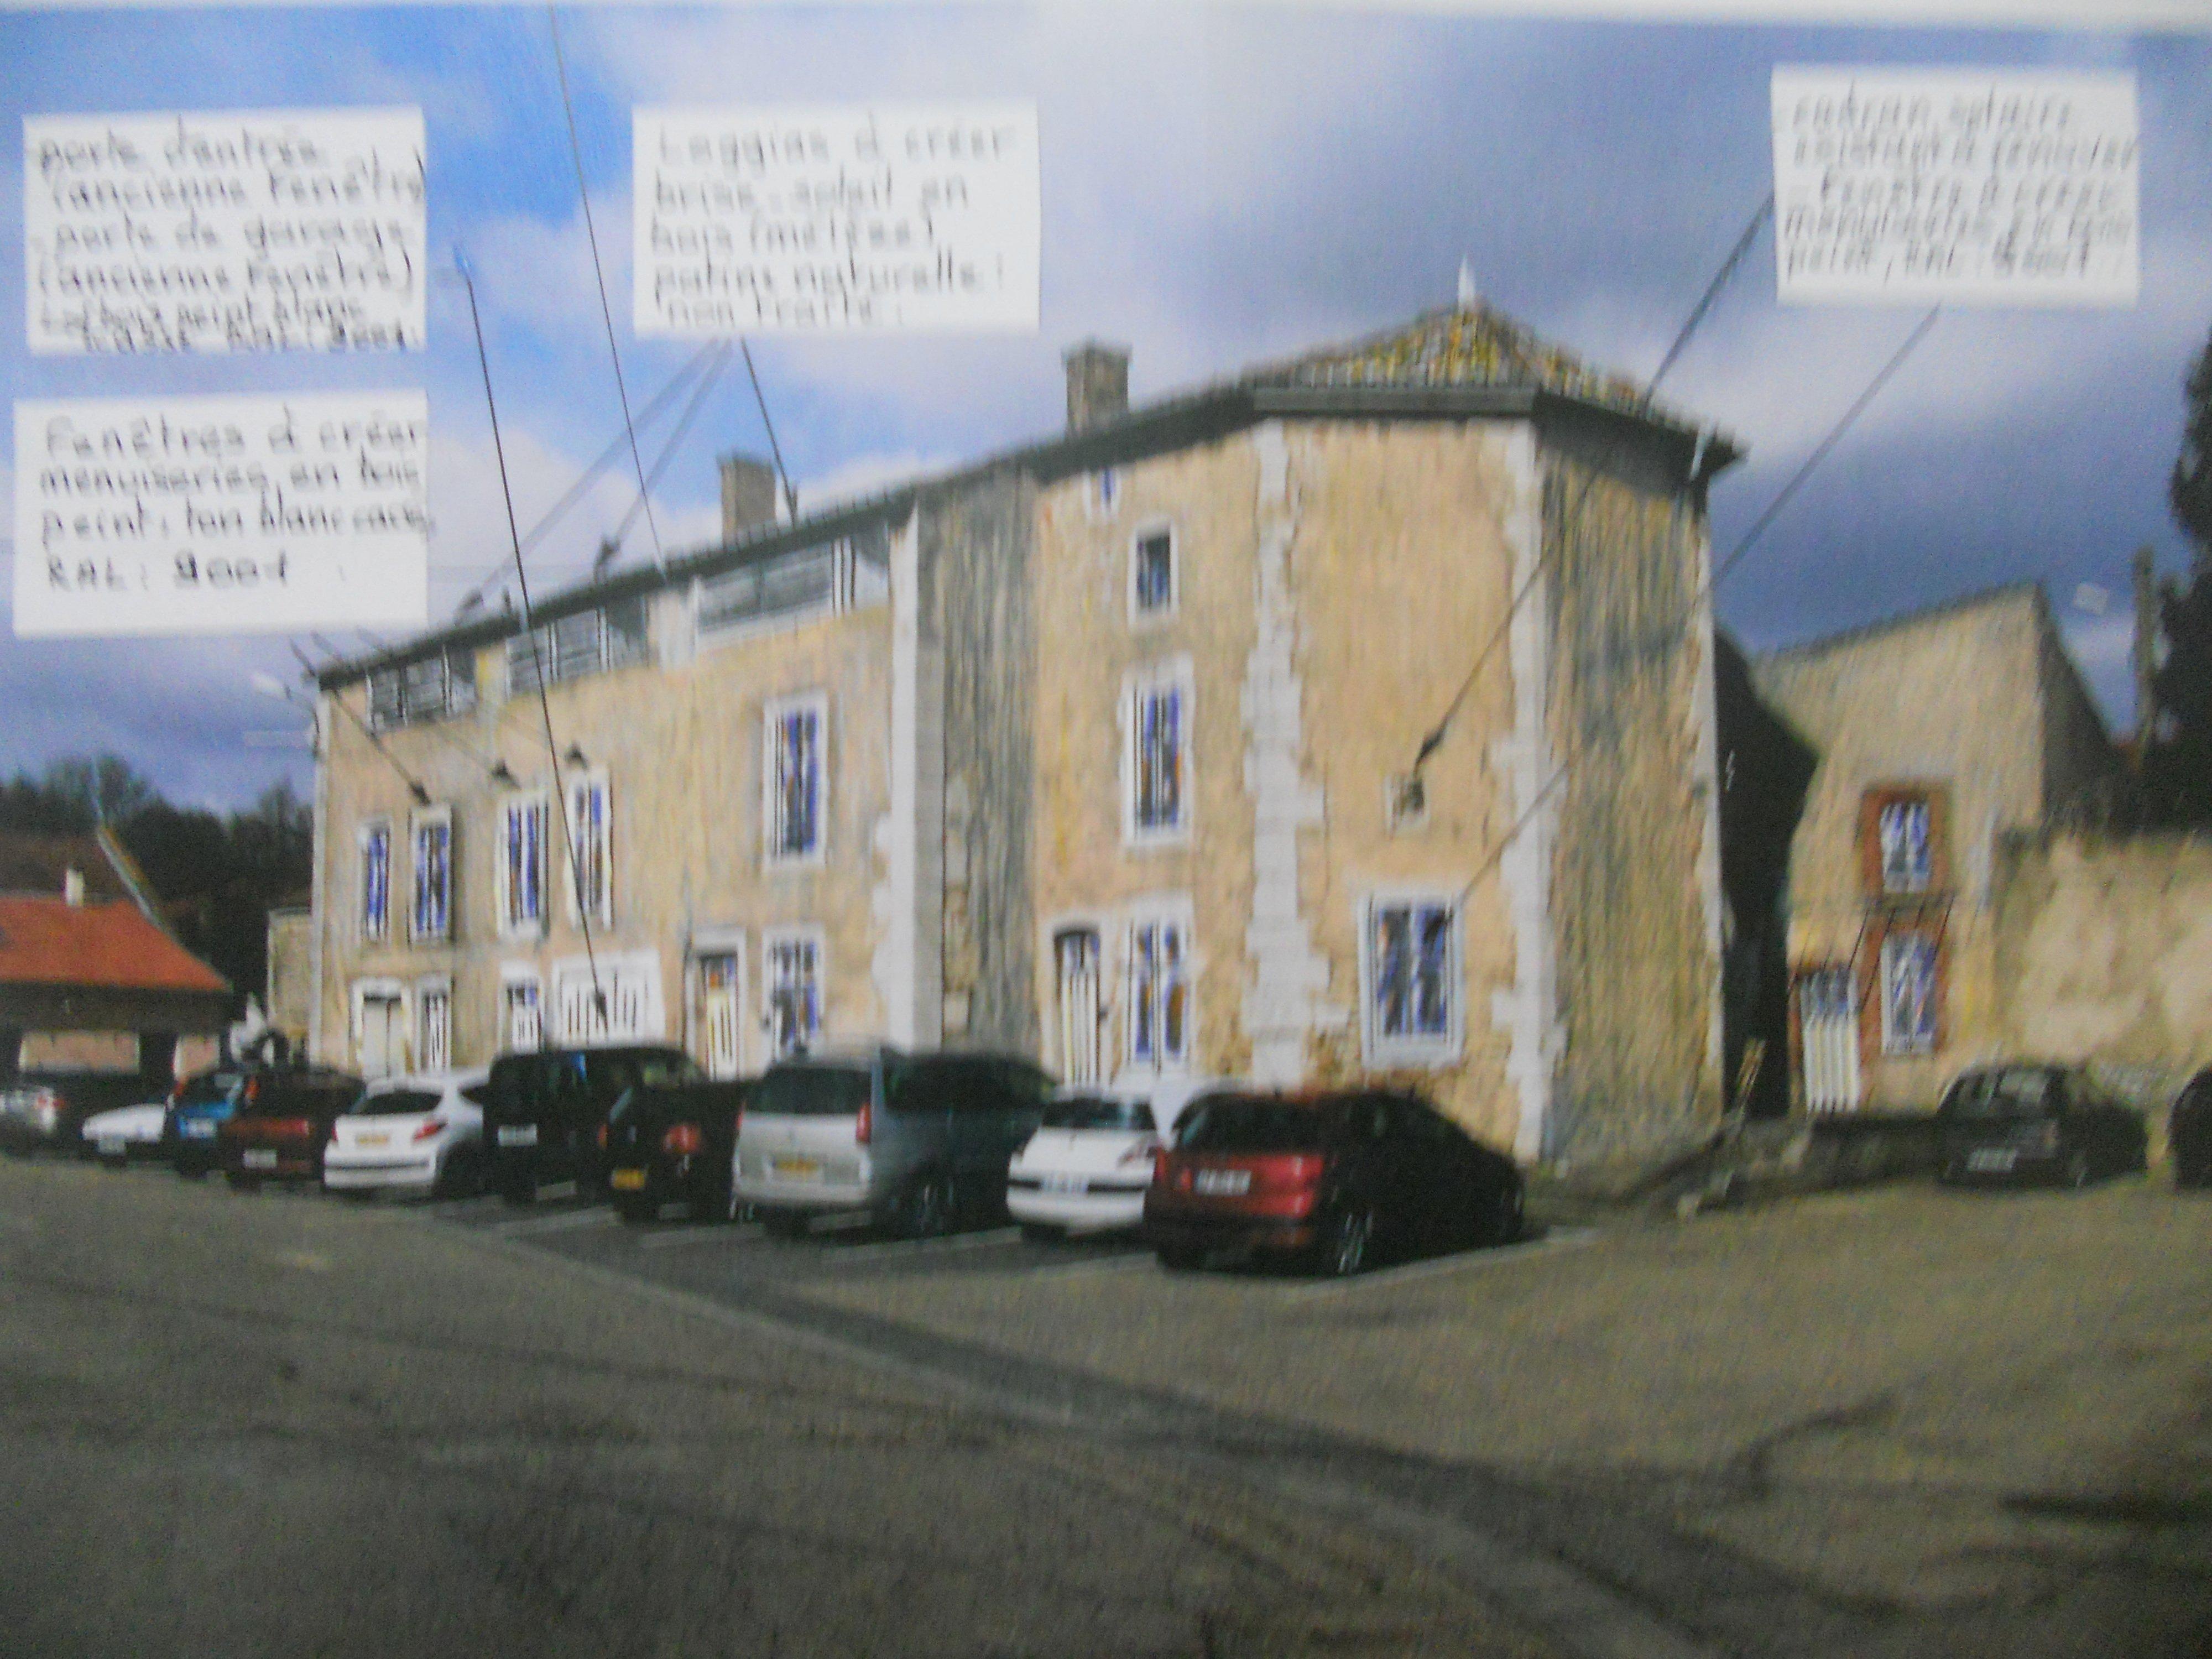 Abbaye saint mansuy eglise saint pierre 54200 toul for Toul 54200 plan